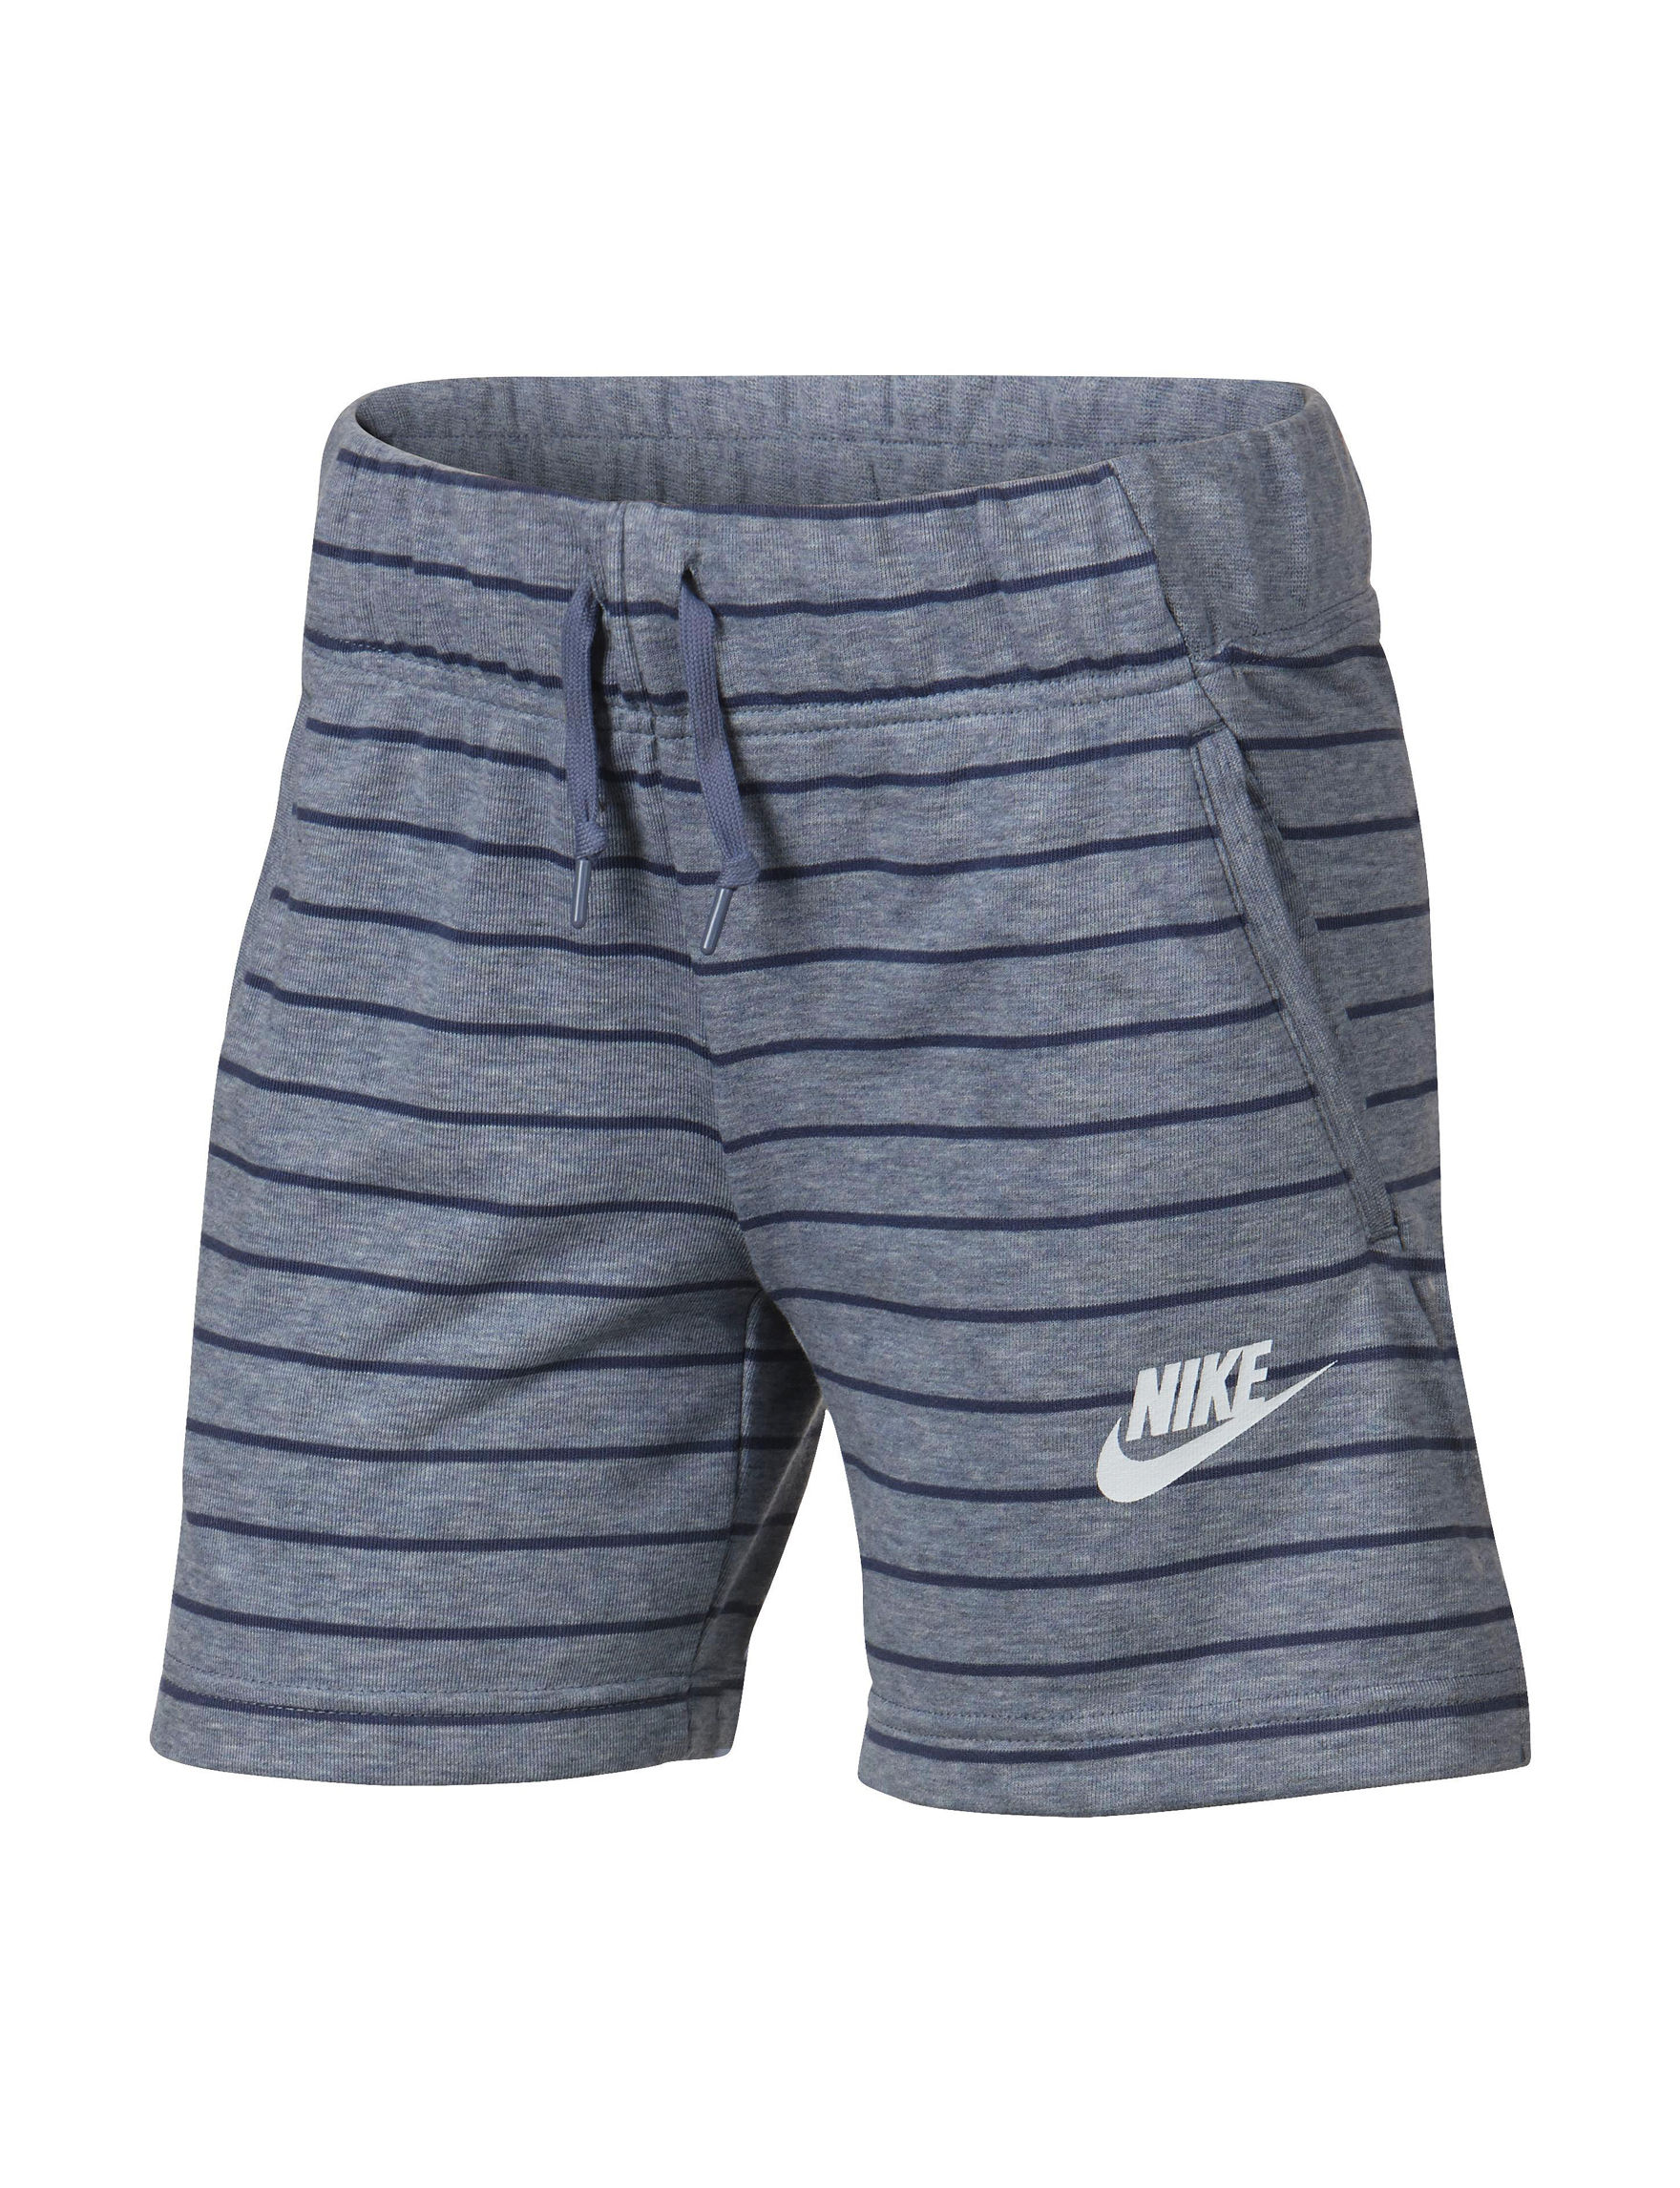 Nike Grey Stripe